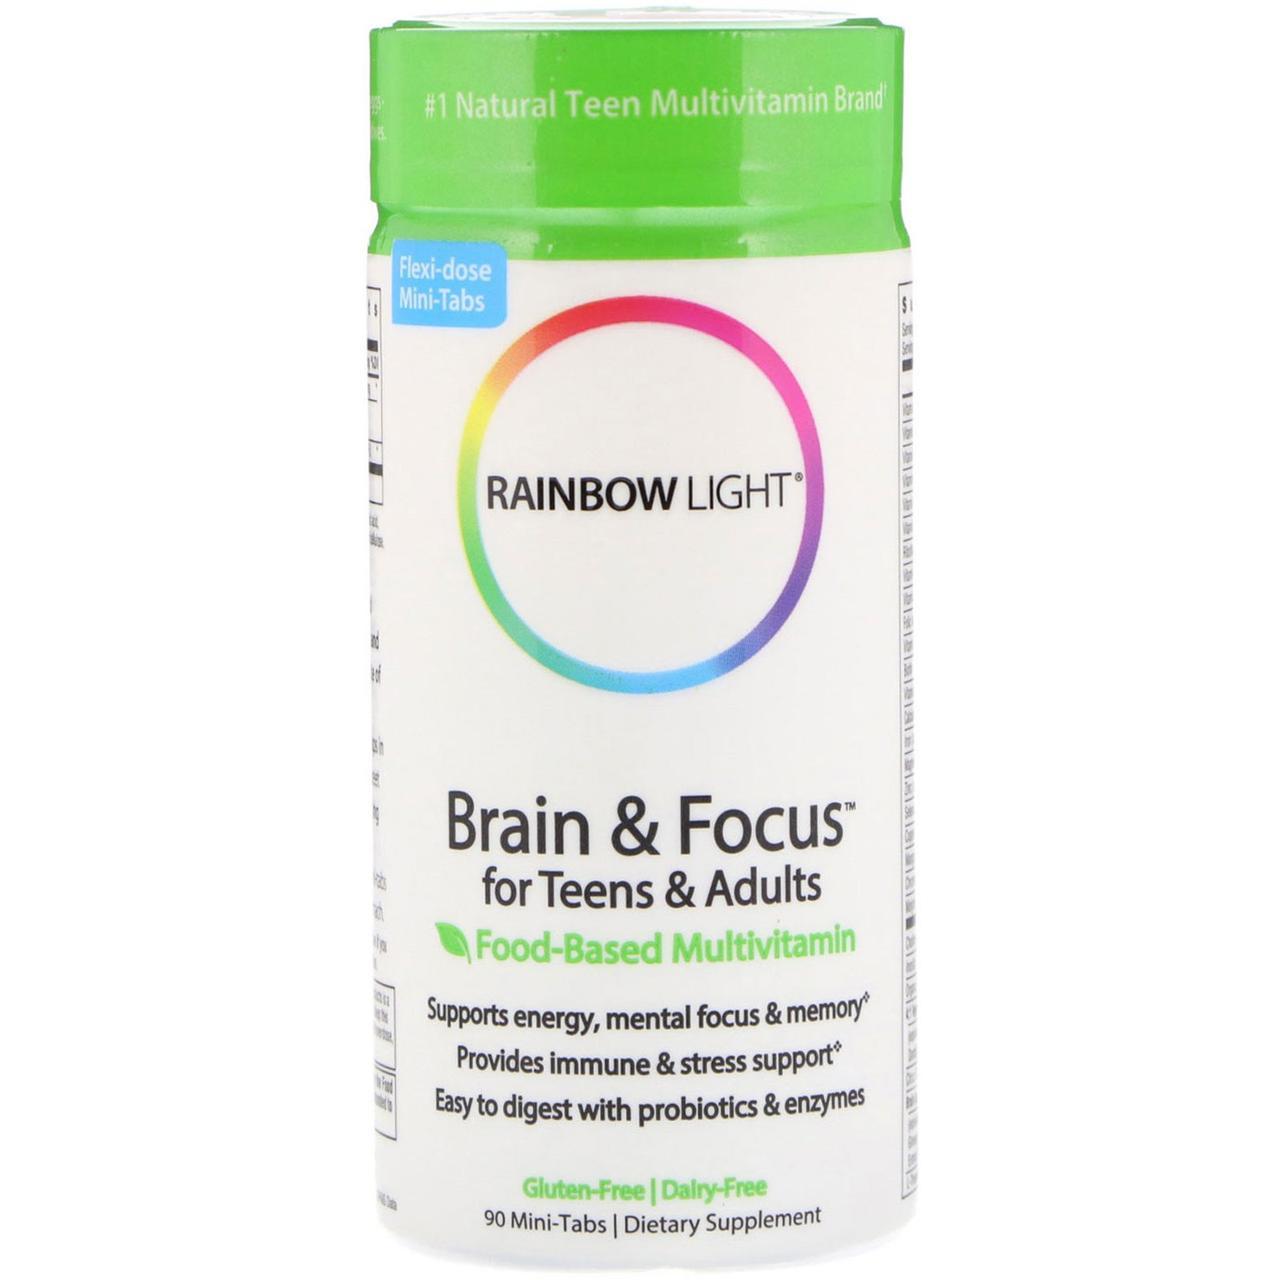 Rainbow Light, Brain & Focus для детей и взрослых, пищевой мультивитаминный комплекс, 90 мини таблеток